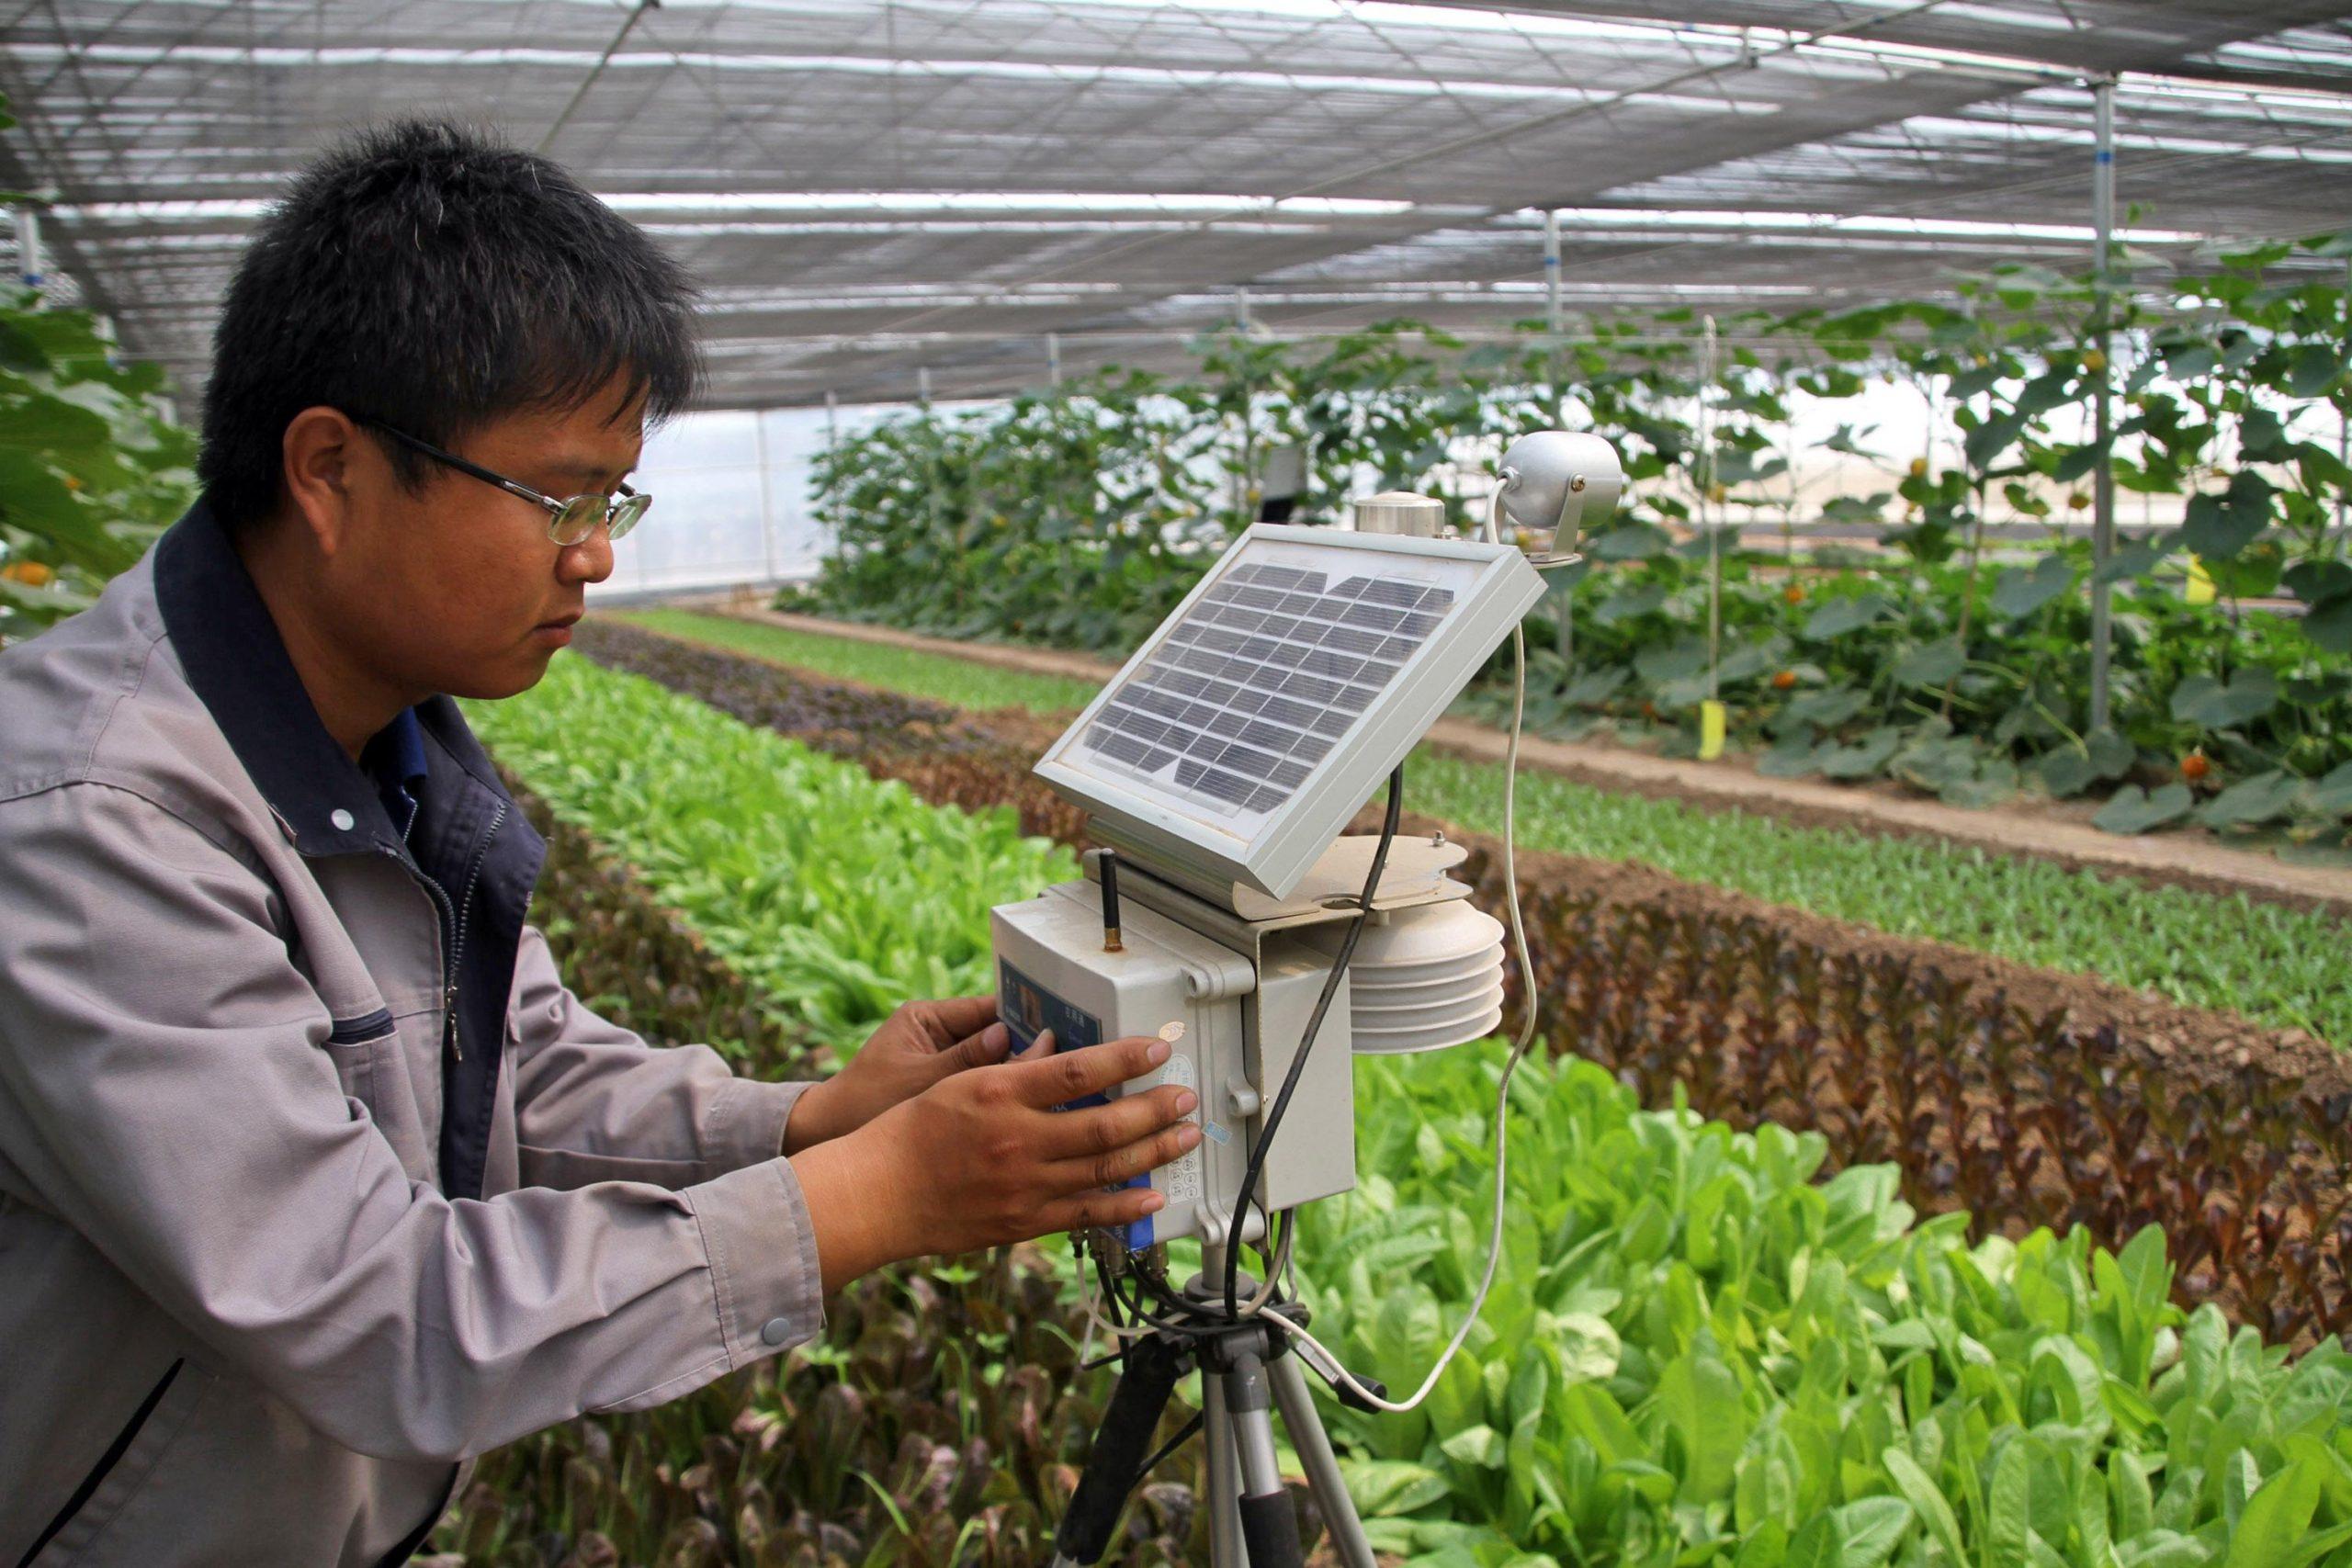 Provincia noroccidental de China celebrará feria de alta tecnología agrícola